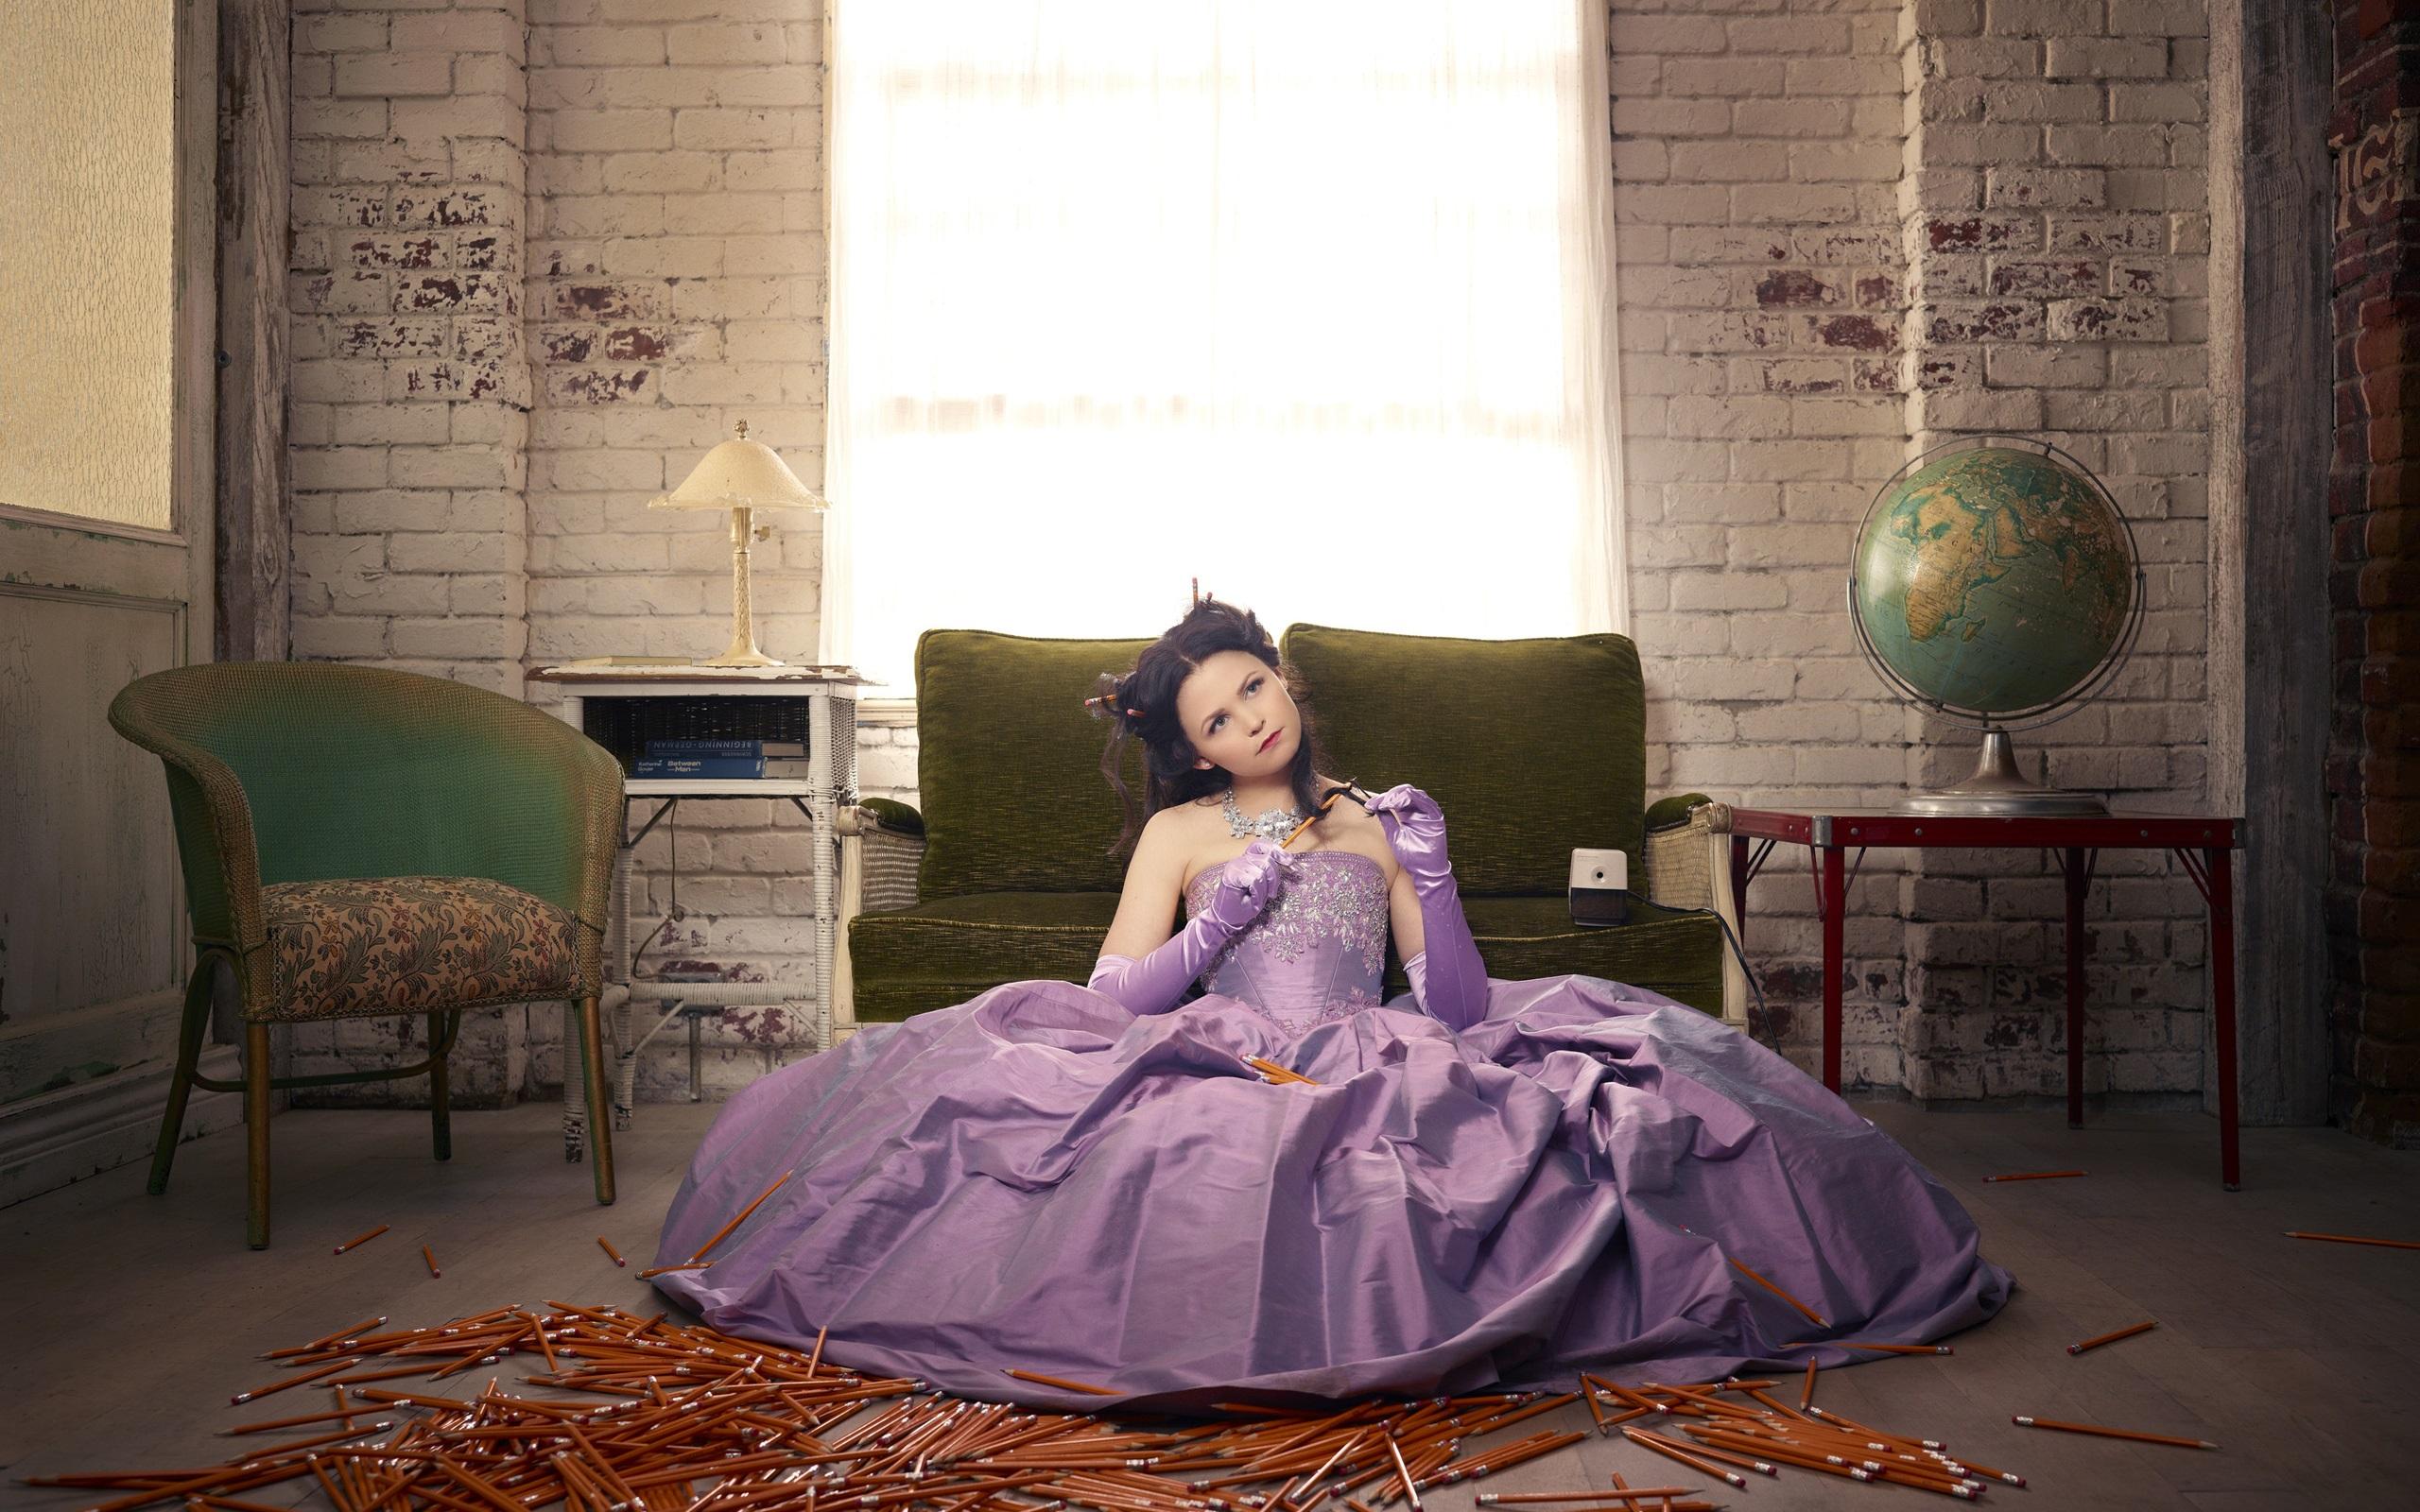 壁紙 白雪姫 メアリーマーガレット 紫のドレス 2560x1920 Hd 無料の